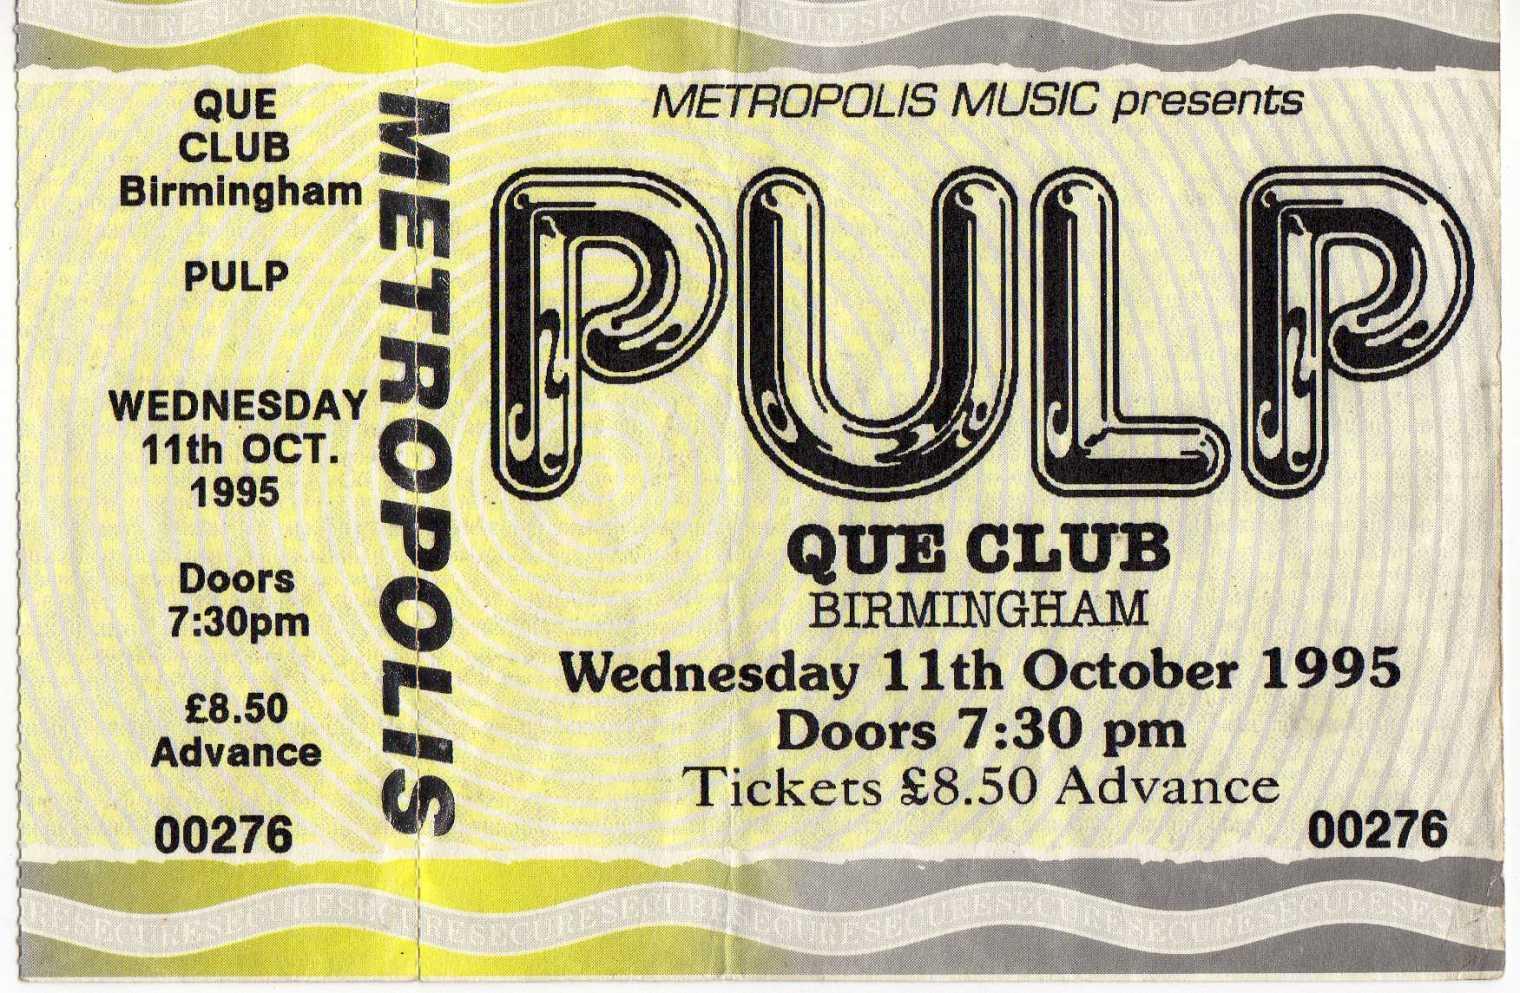 pulp-11-10-1955001.jpg